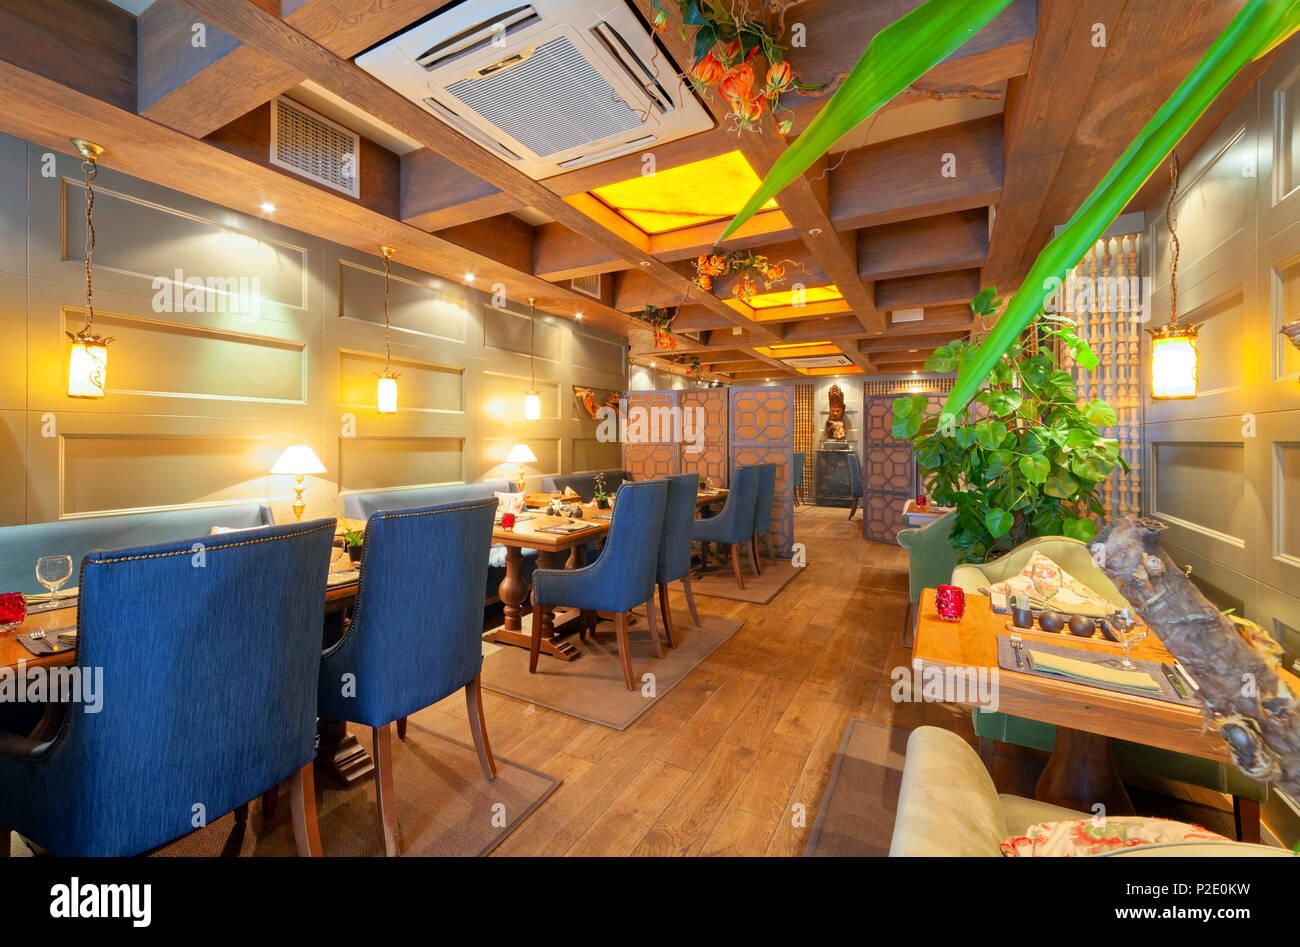 Moskau - September 2014: Das Innere einer respektablen Restaurant panasiatische Küche - FUJIKO. Das Restaurant befindet sich in einem kolonialen Stil eingerichtet Stockfoto